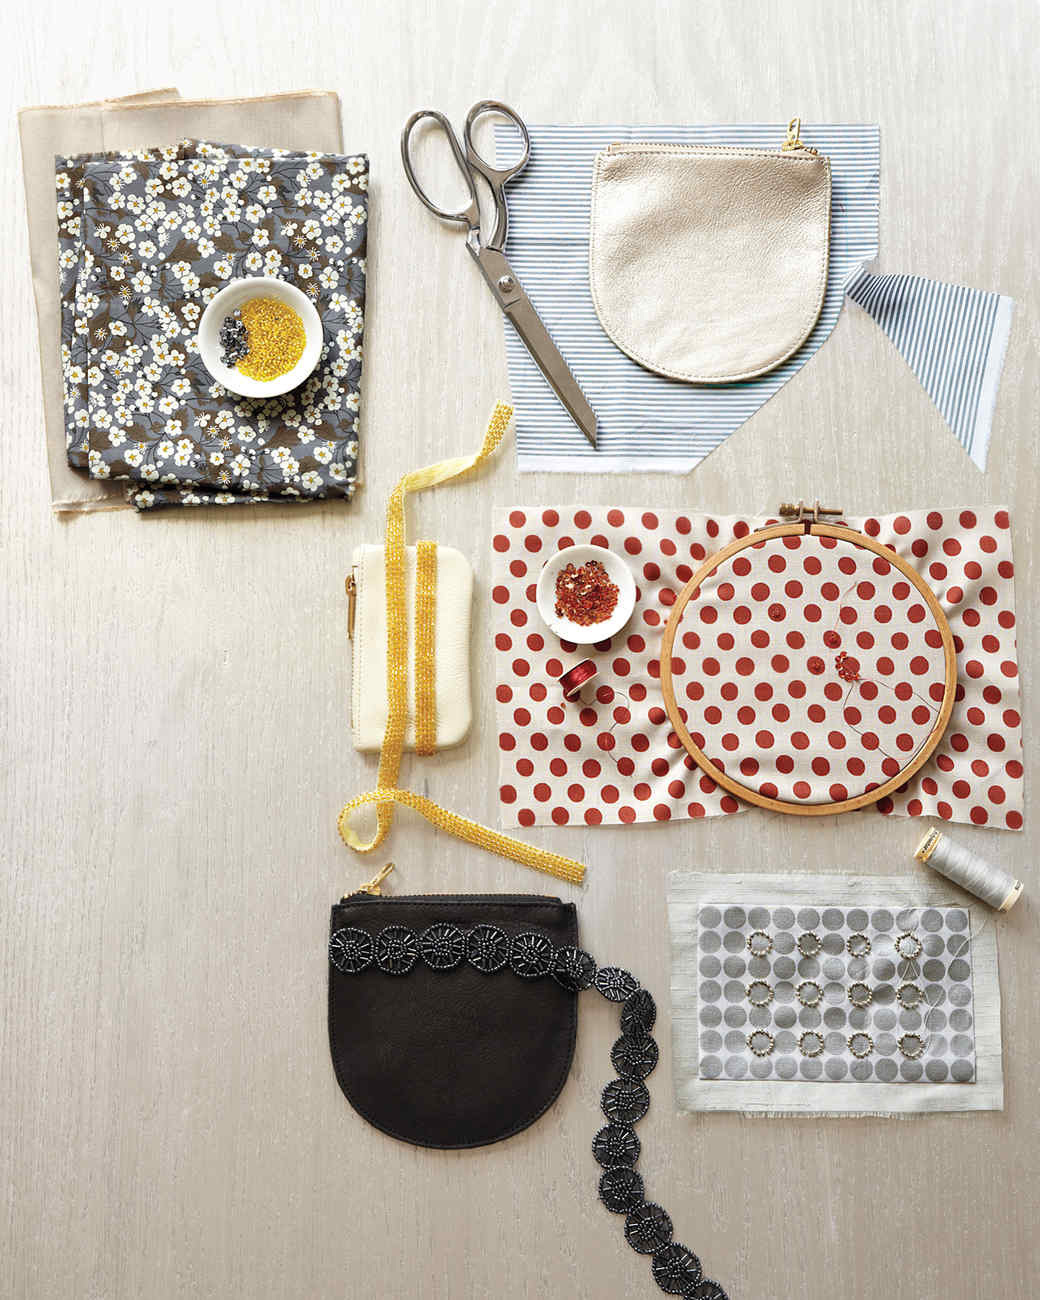 beaded-handbags-0045-md109232.jpg